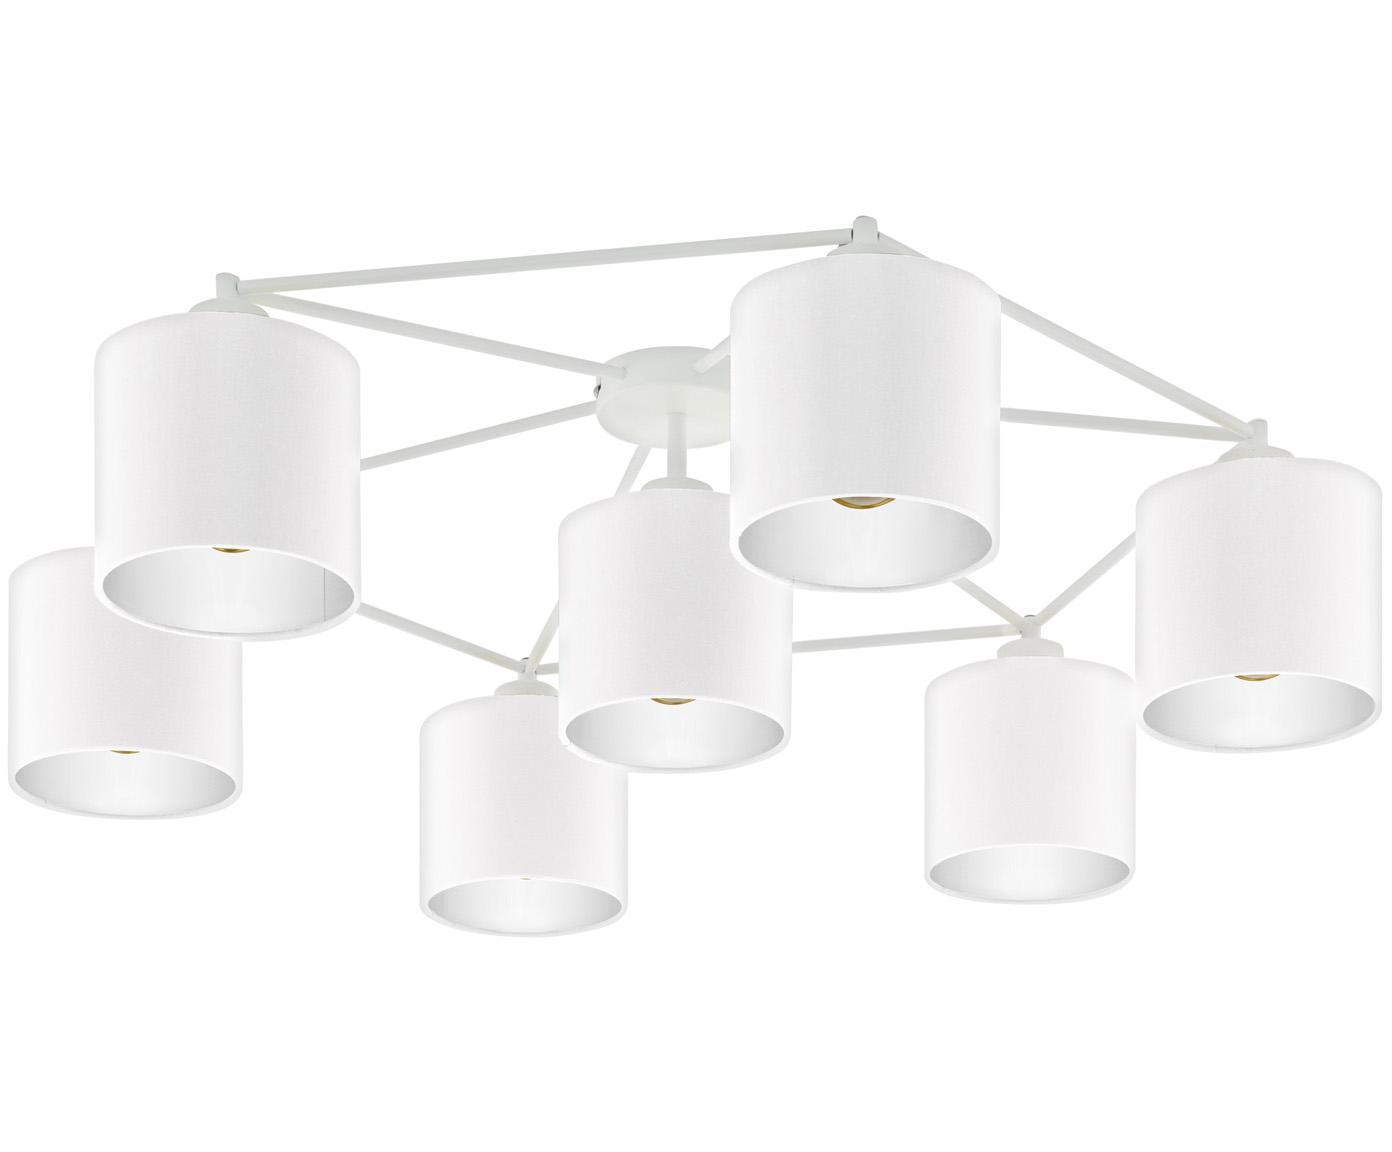 Große Deckenleuchte Staiti in Weiß, Lampenschirm: Polyester, Weiß, Ø 84 x H 24 cm